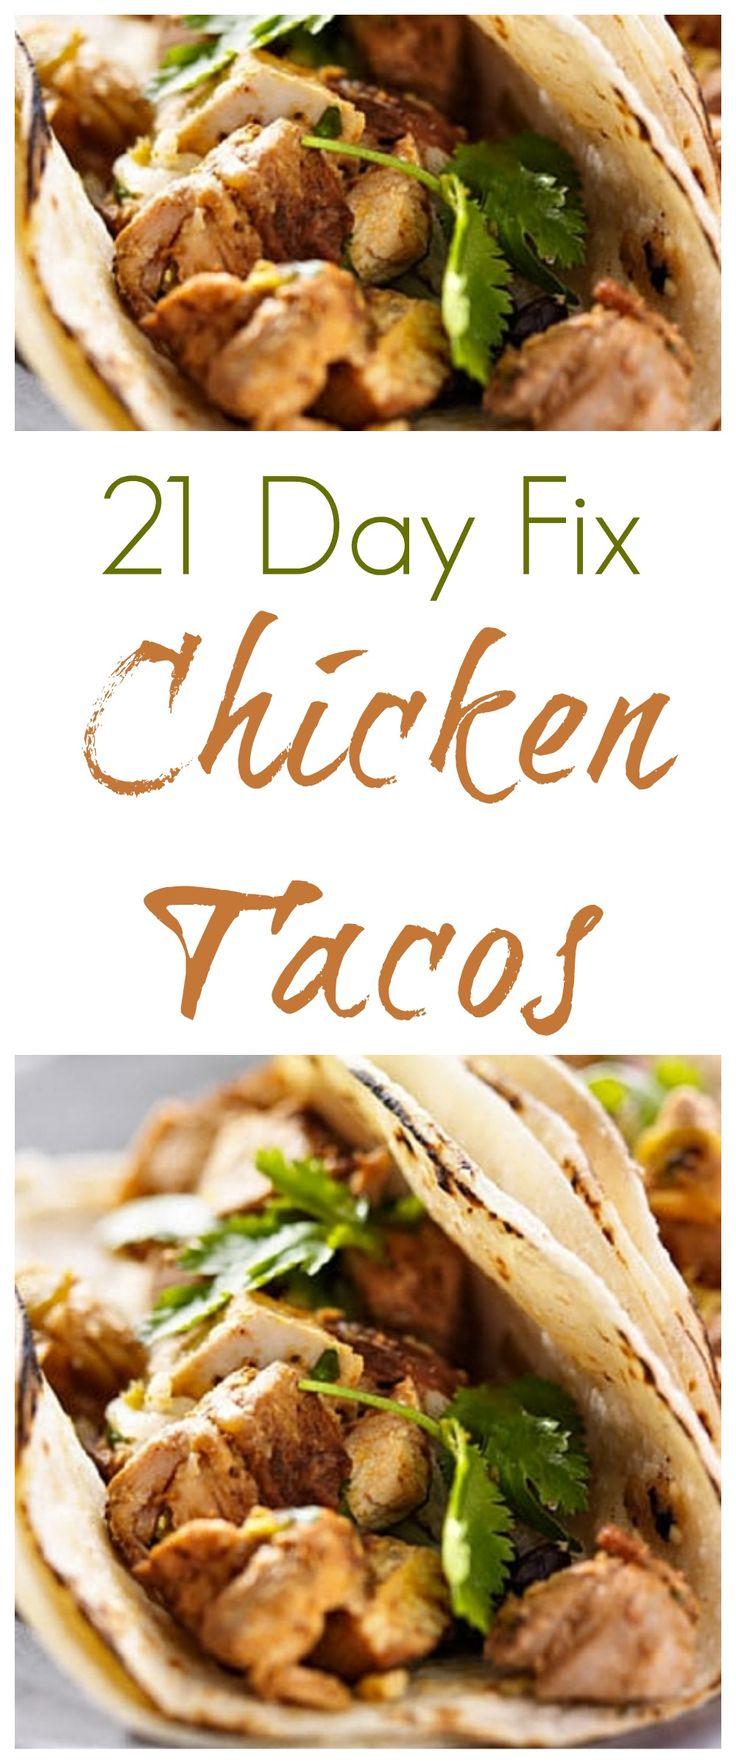 21 Day Fix Chicken Tacos #21dayfix #21dayfixchickentacos #21dayfixtacos…